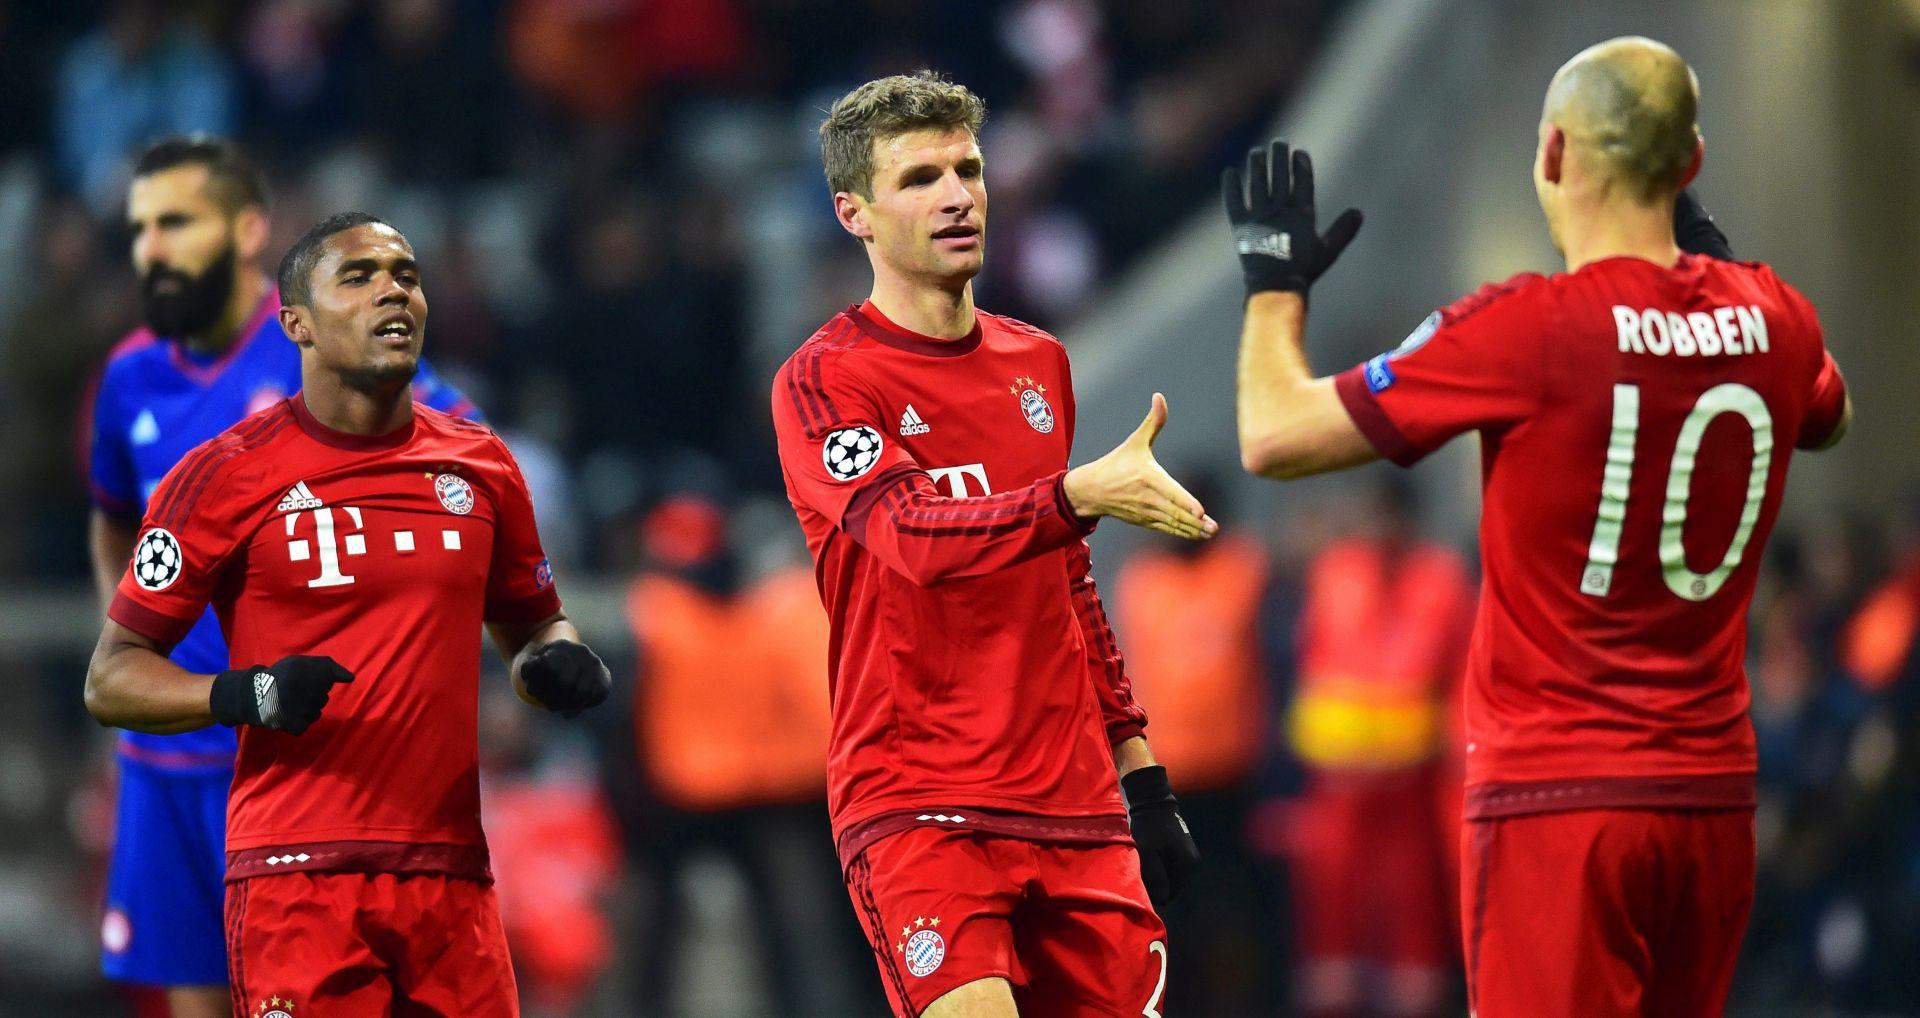 Njemački kup: Bayern izvukao Bochum